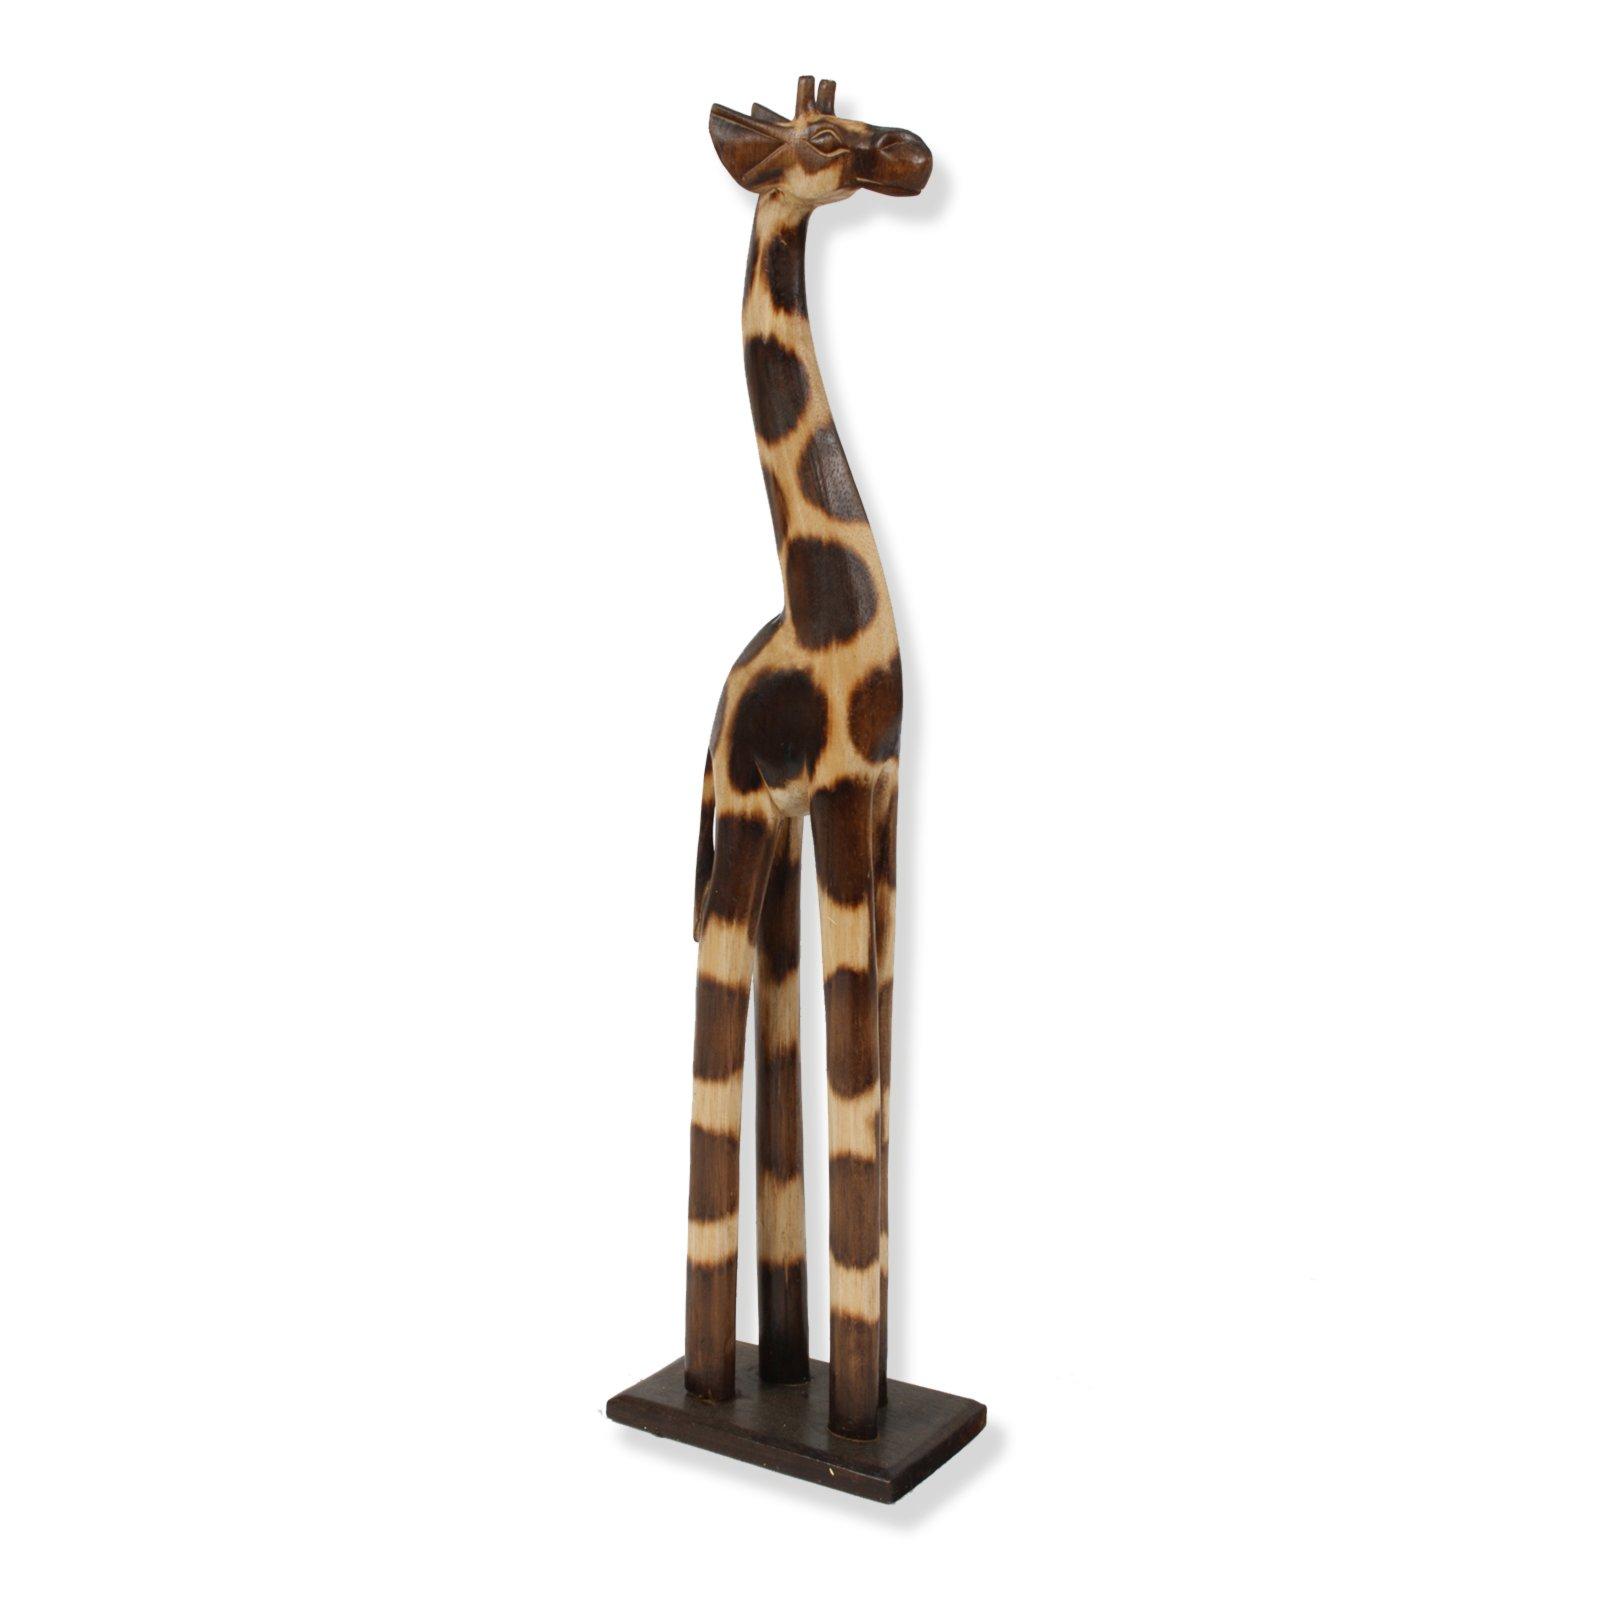 deko wohnzimmer braun:Deko-Giraffe – braun – Holz – 61 cm